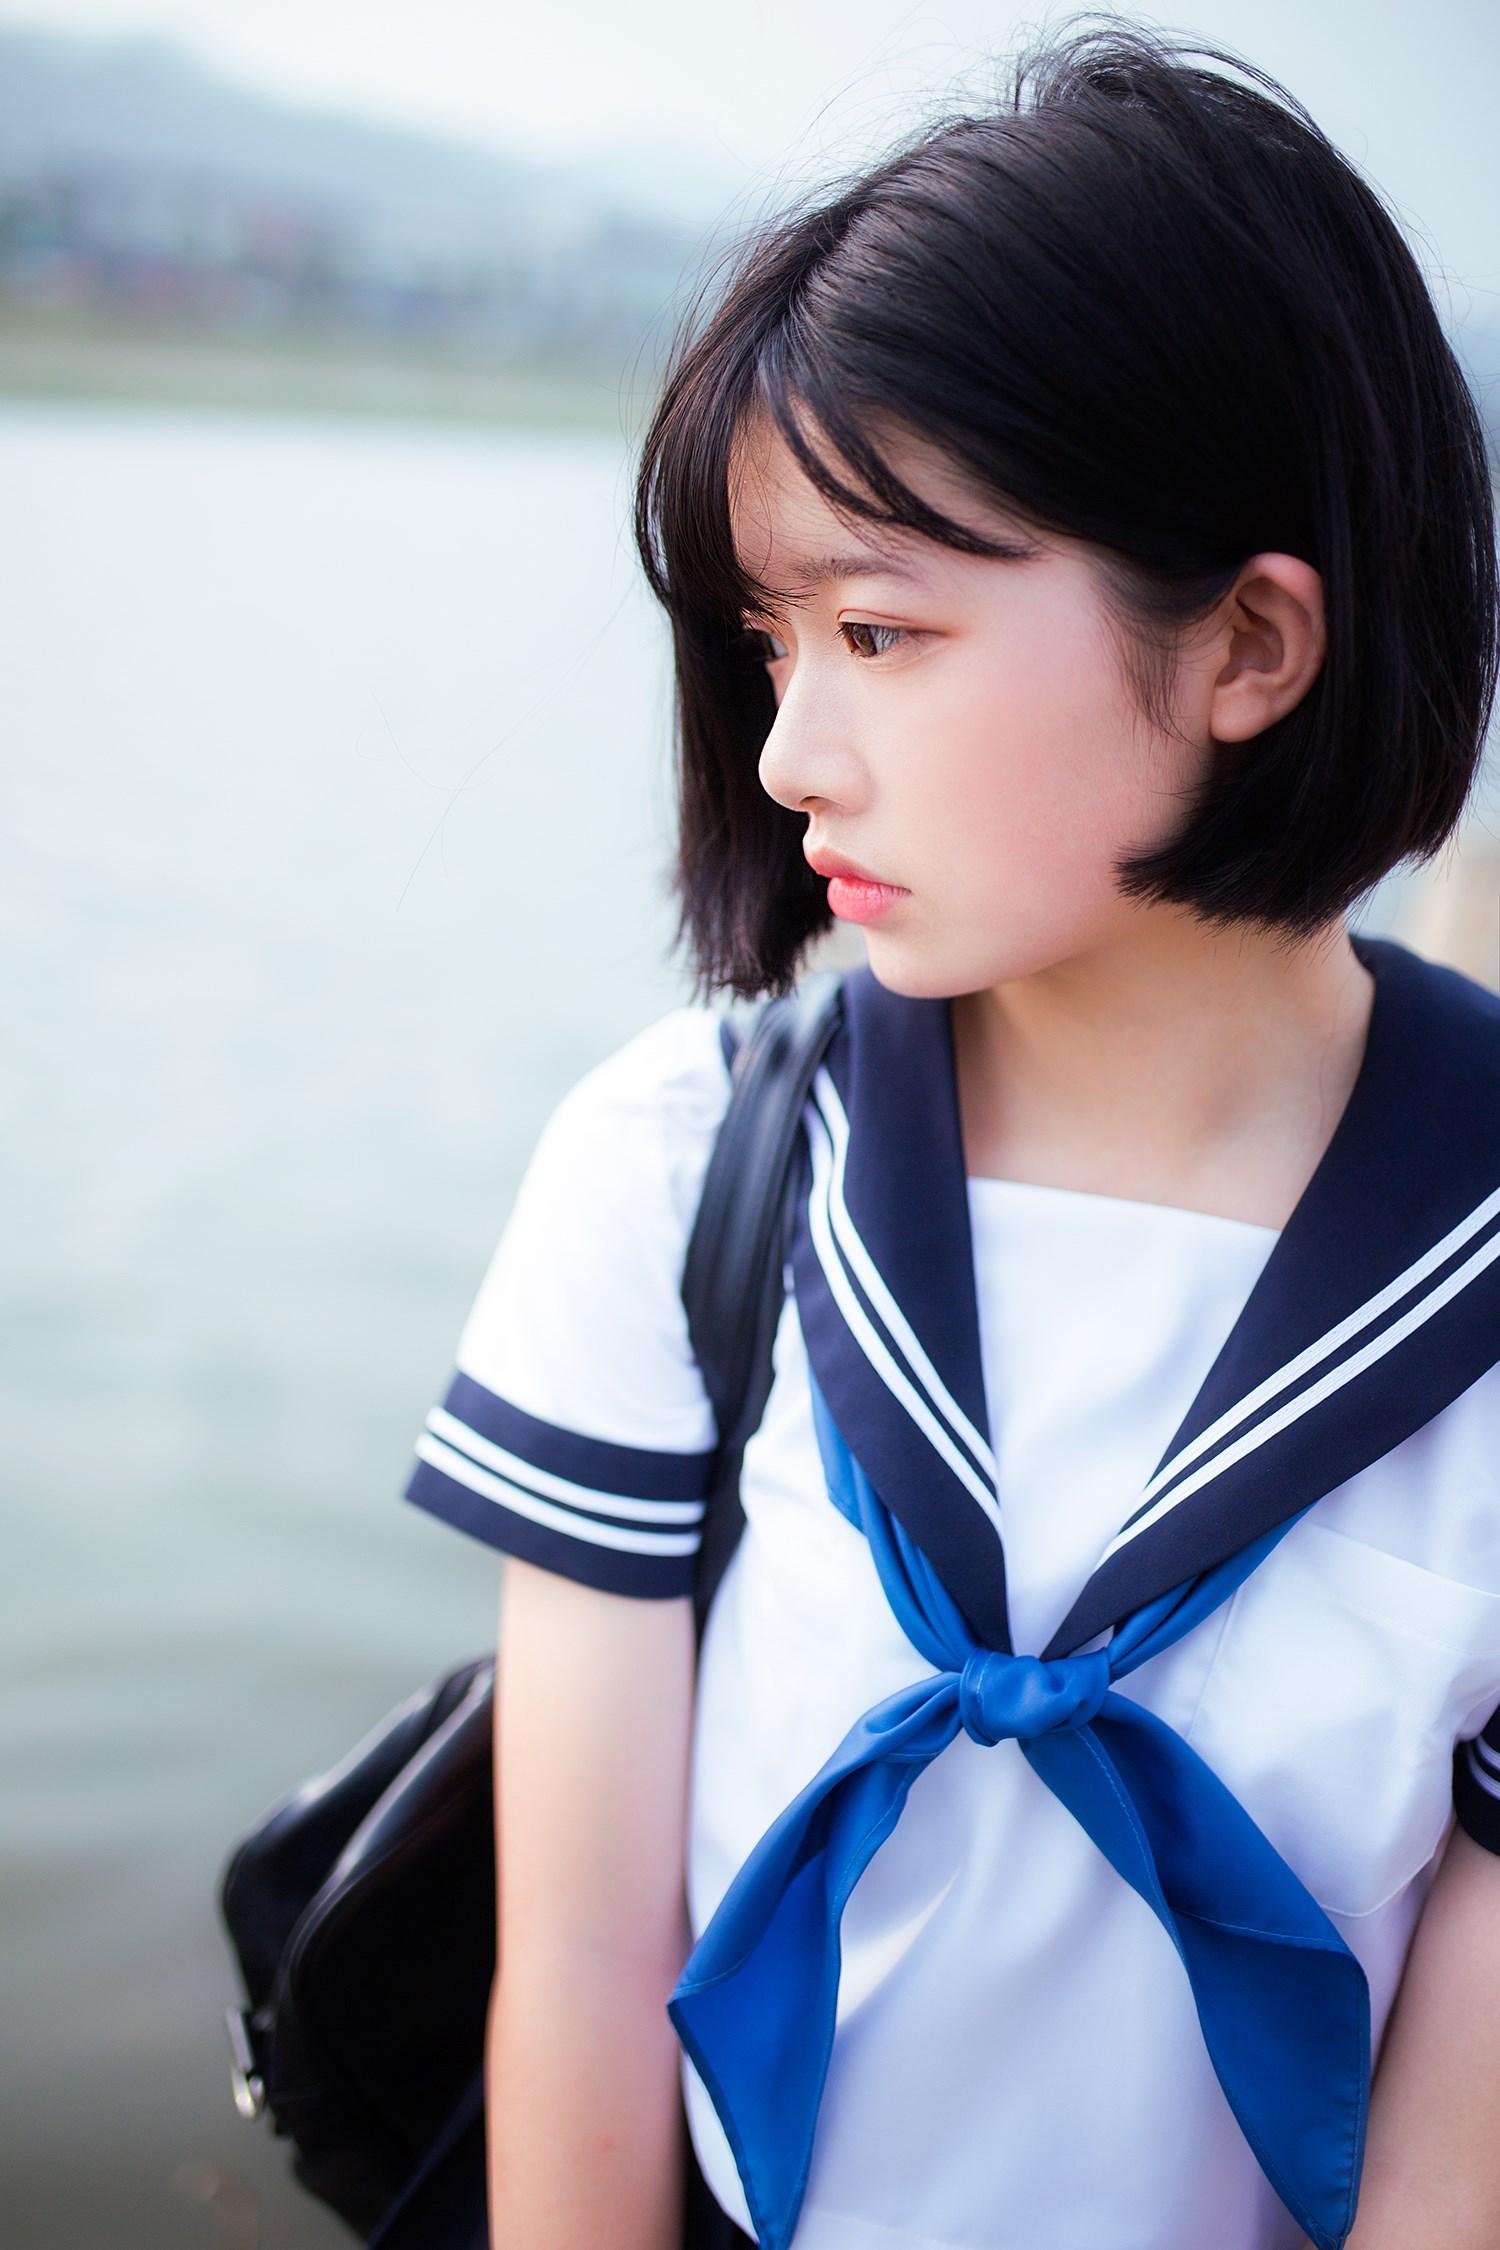 【兔玩映画】水手服-你笑的颜色 兔玩映画 第45张